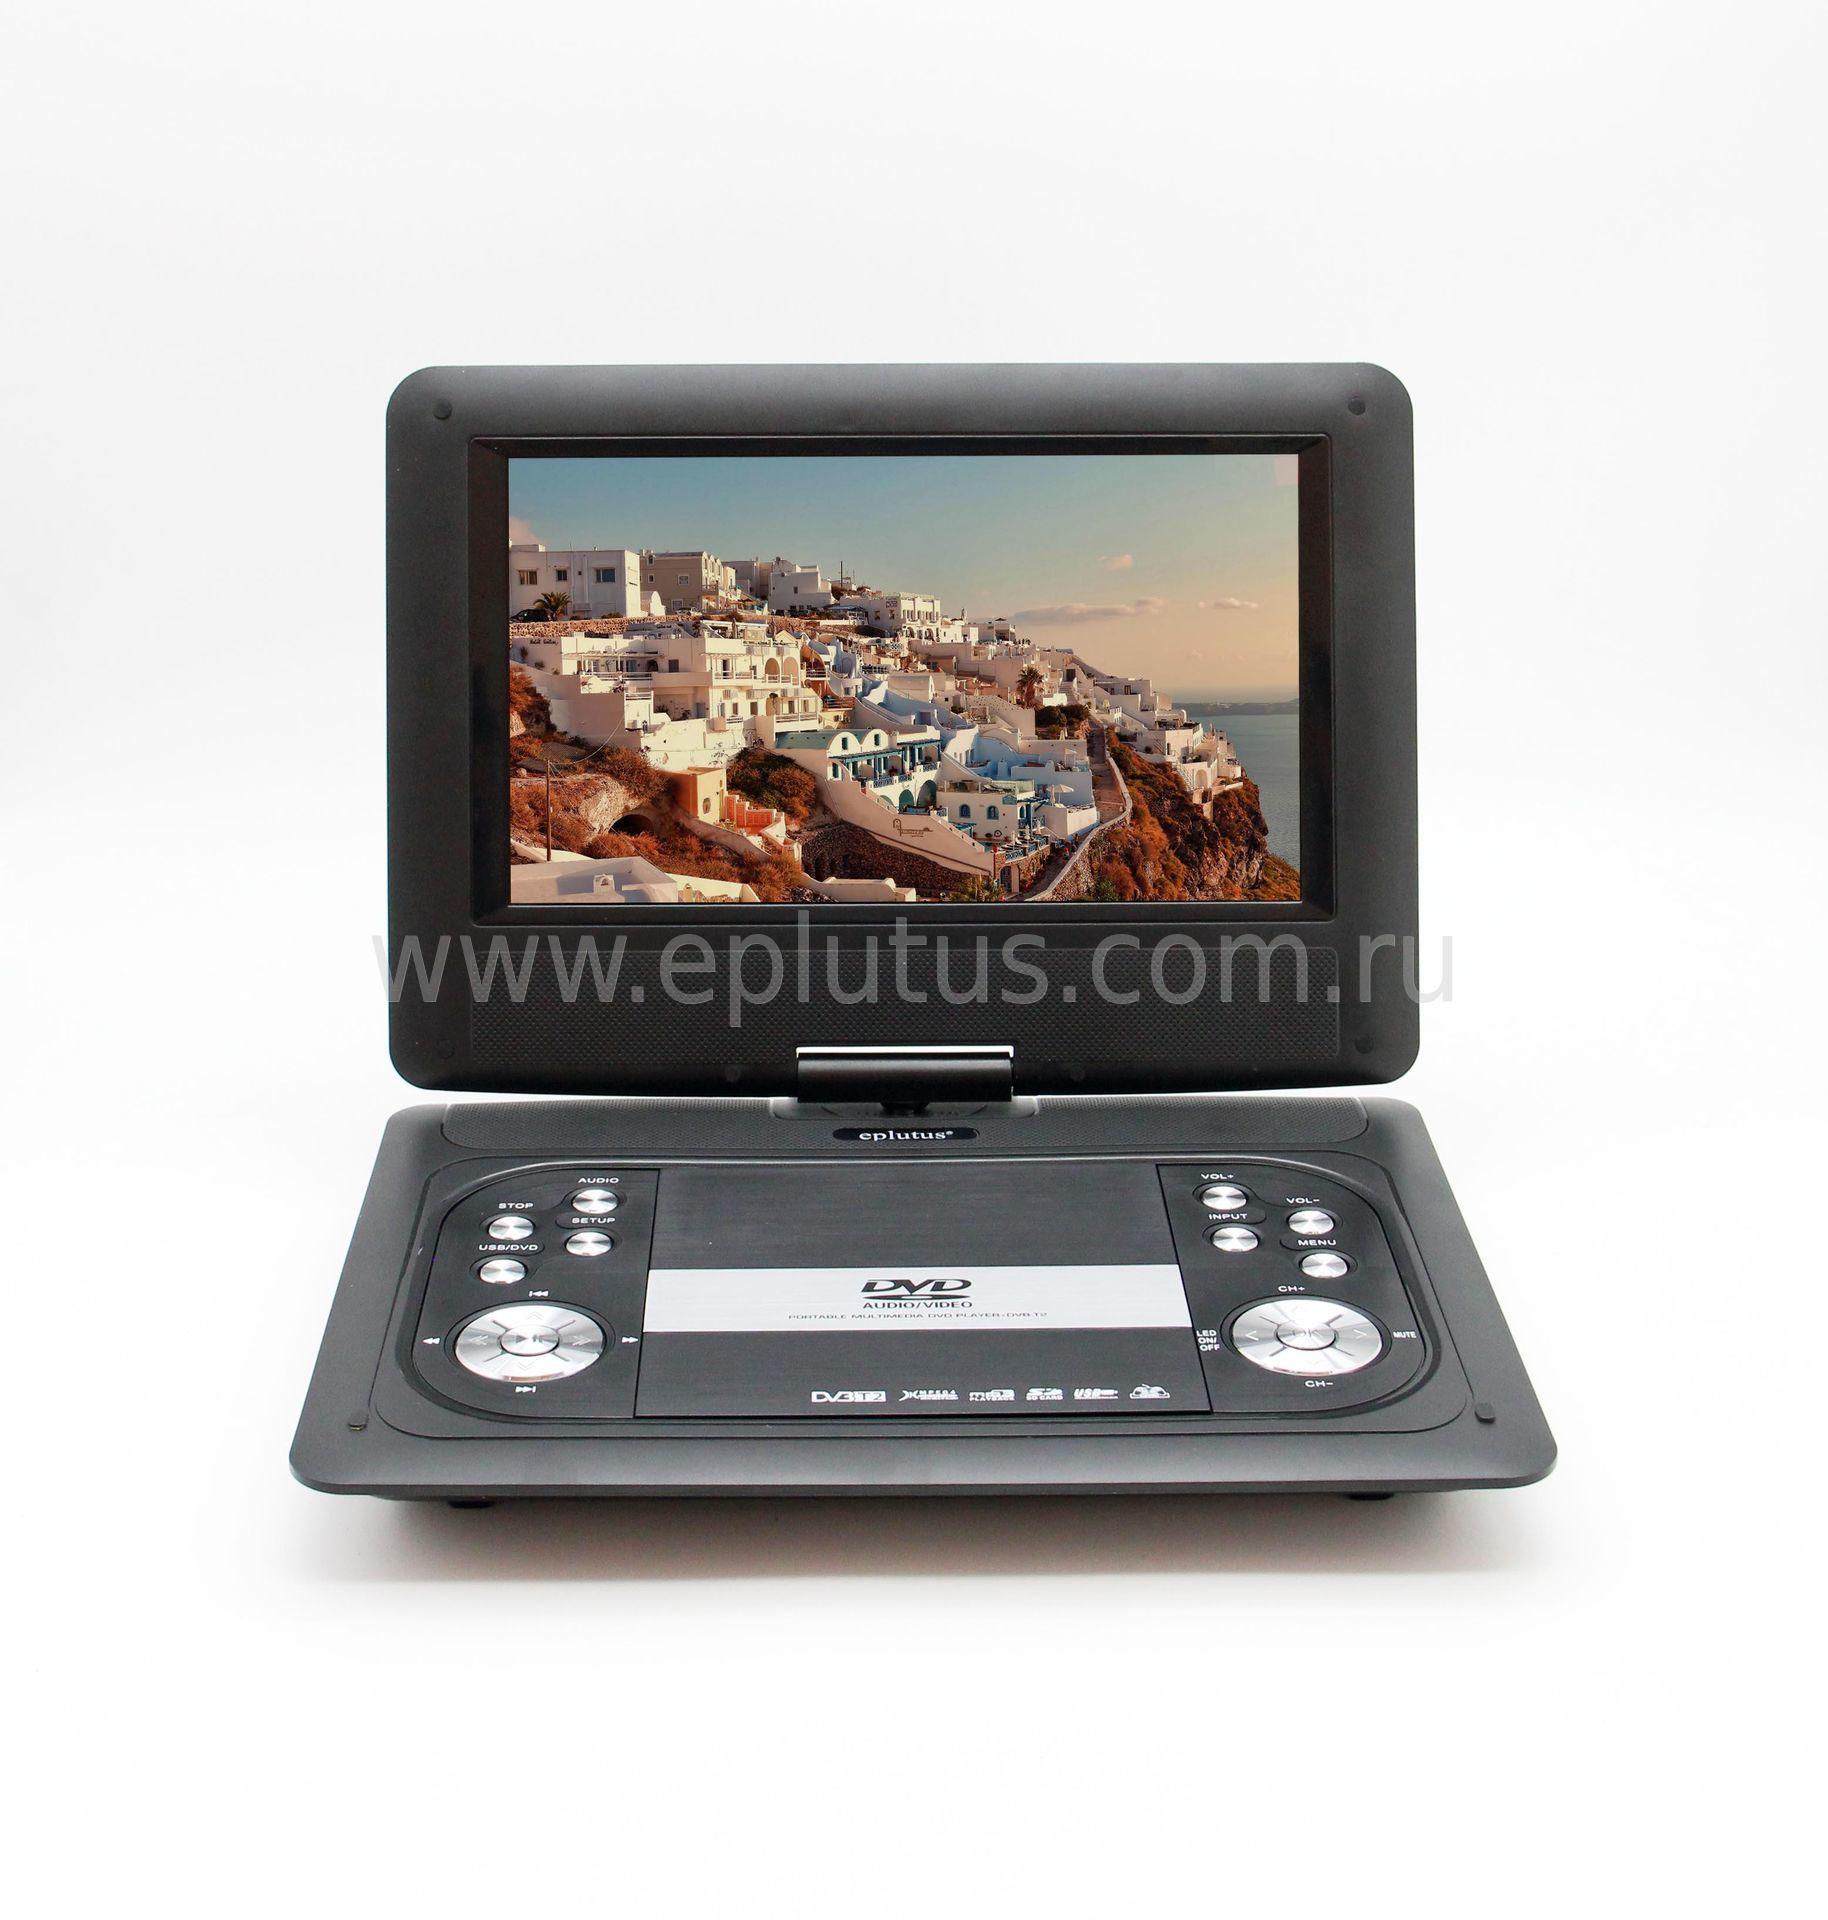 DVD-плеер Eplutus EP-1029T автомобильный dvd плеер lg 2 din mazda 5 dvd gps tv 3g wifi bt usb sd 8